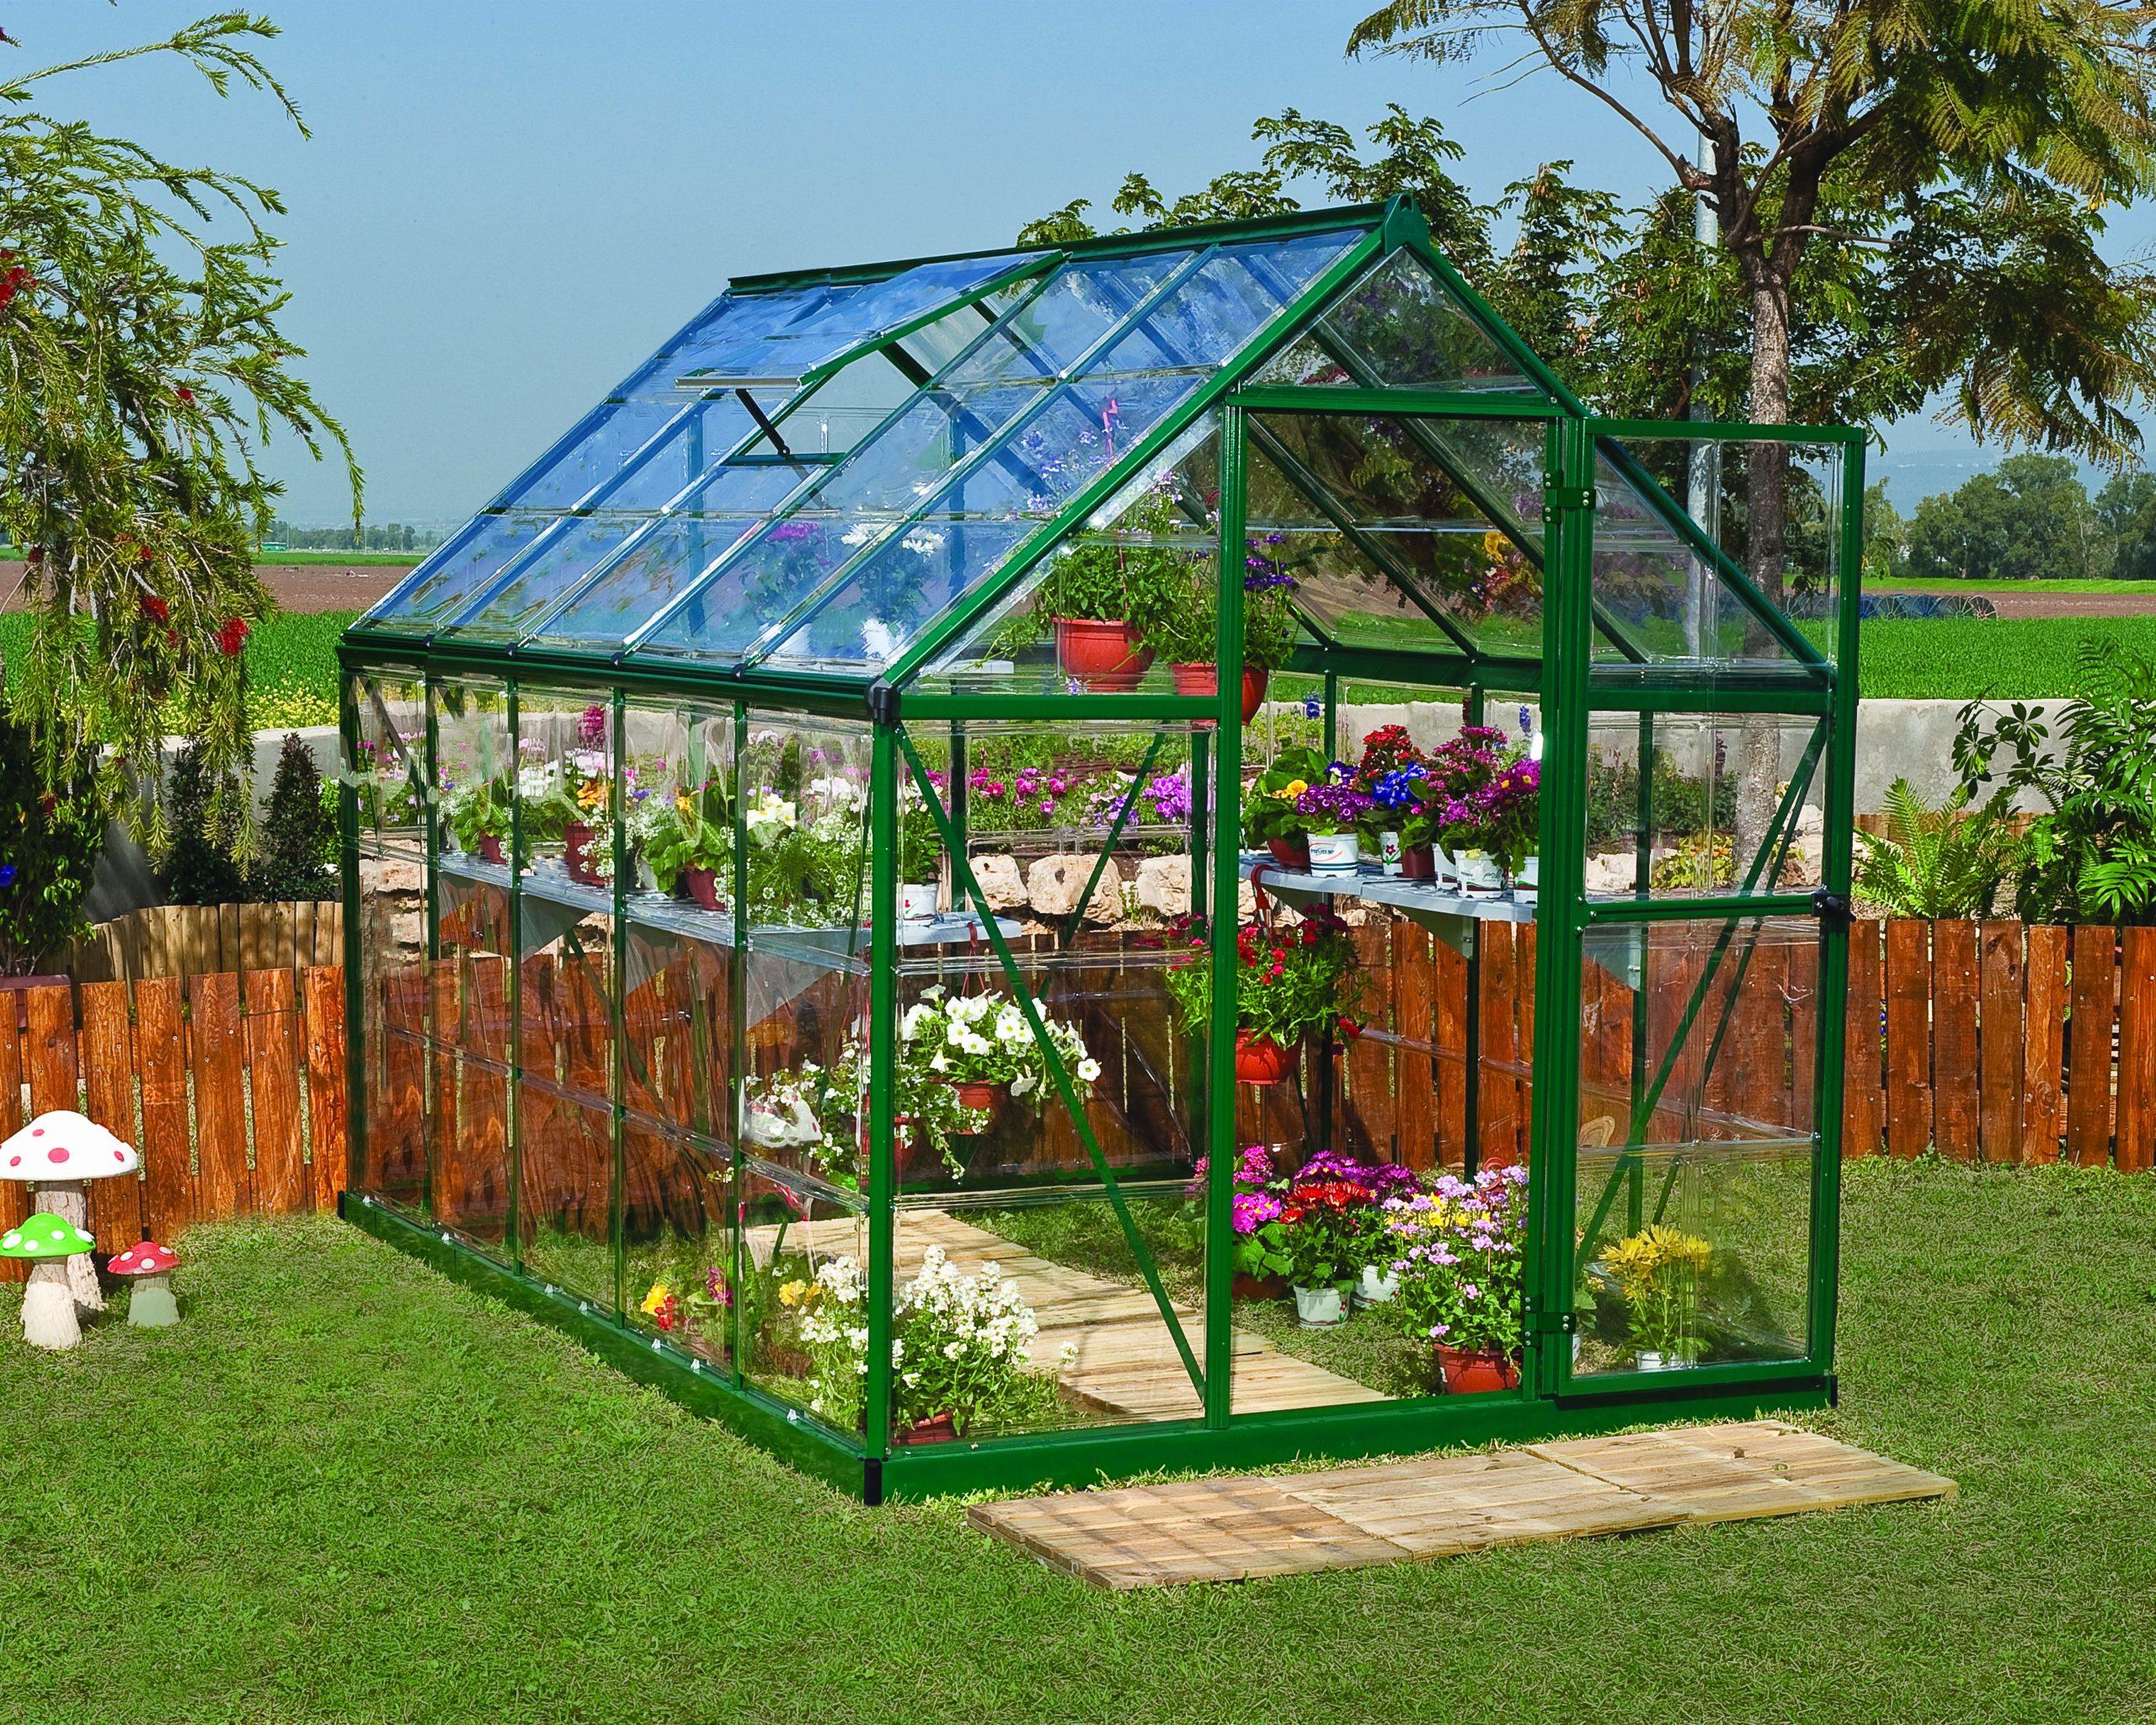 Serre De Jardin Verte Harmony 5.6 M², Aluminium Et Polycarbonate, Palram destiné Serre De Jardin Leroy Merlin